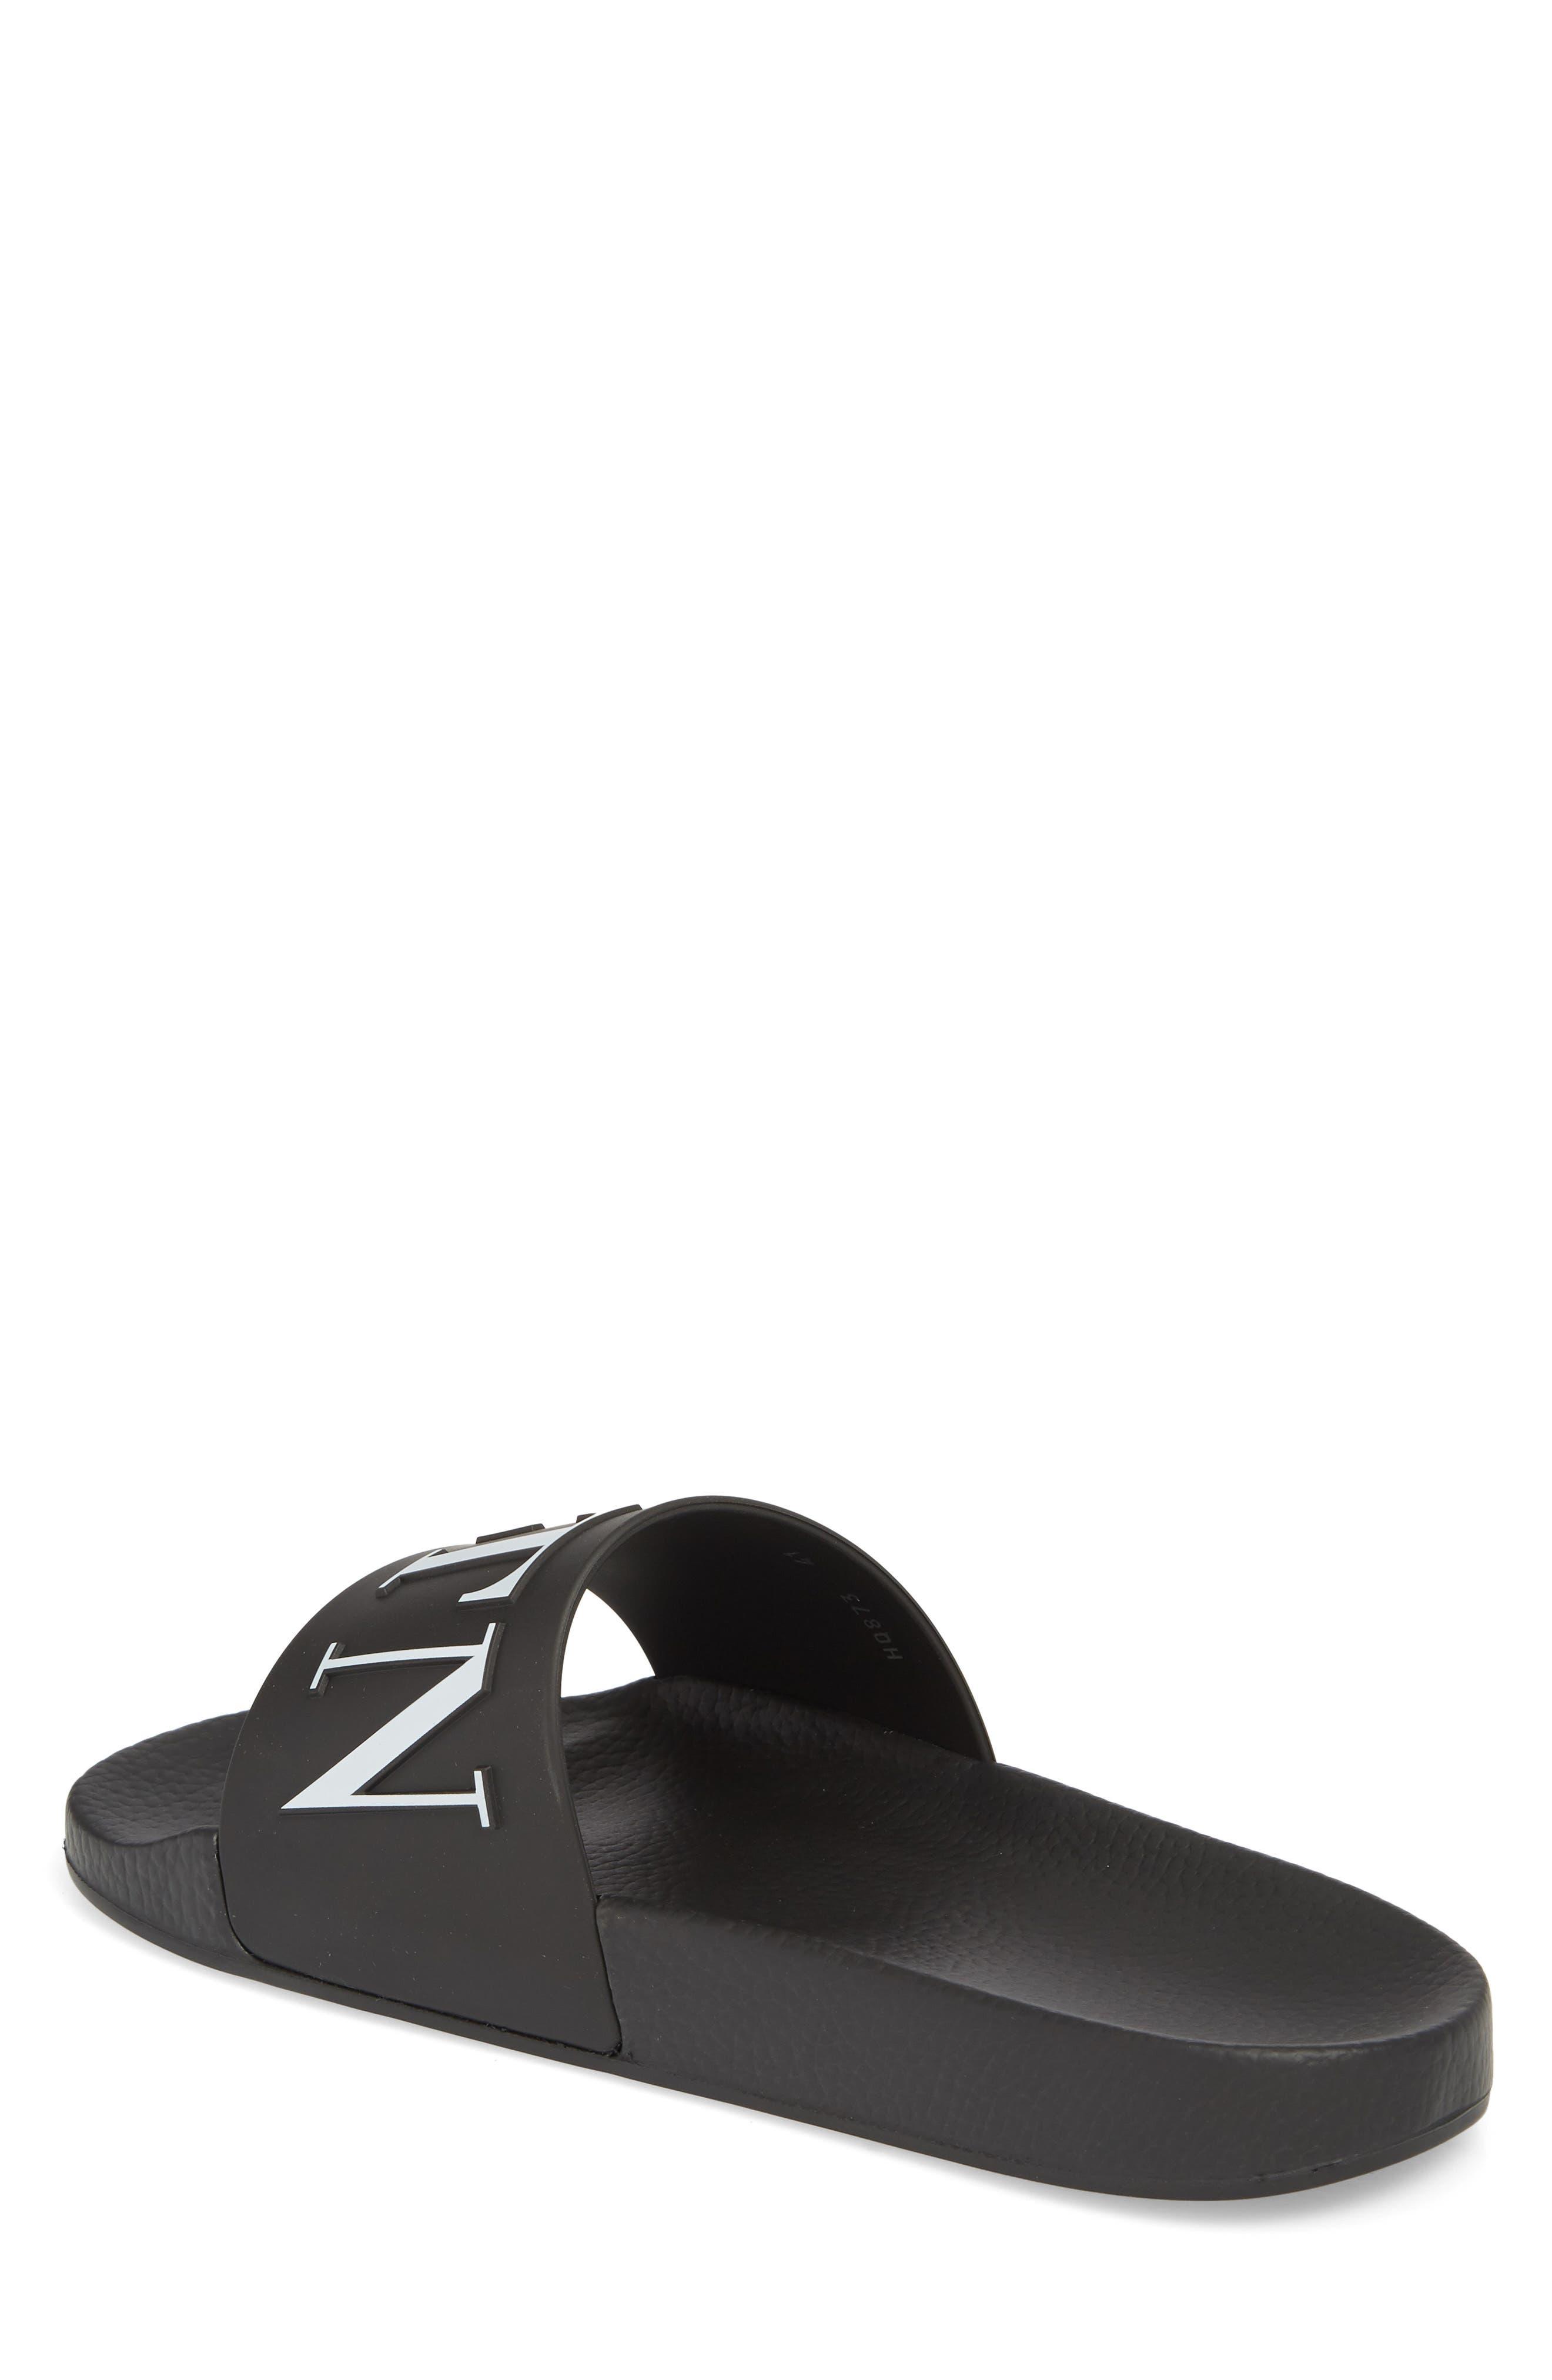 Slide Sandal,                             Alternate thumbnail 2, color,                             Black/ White